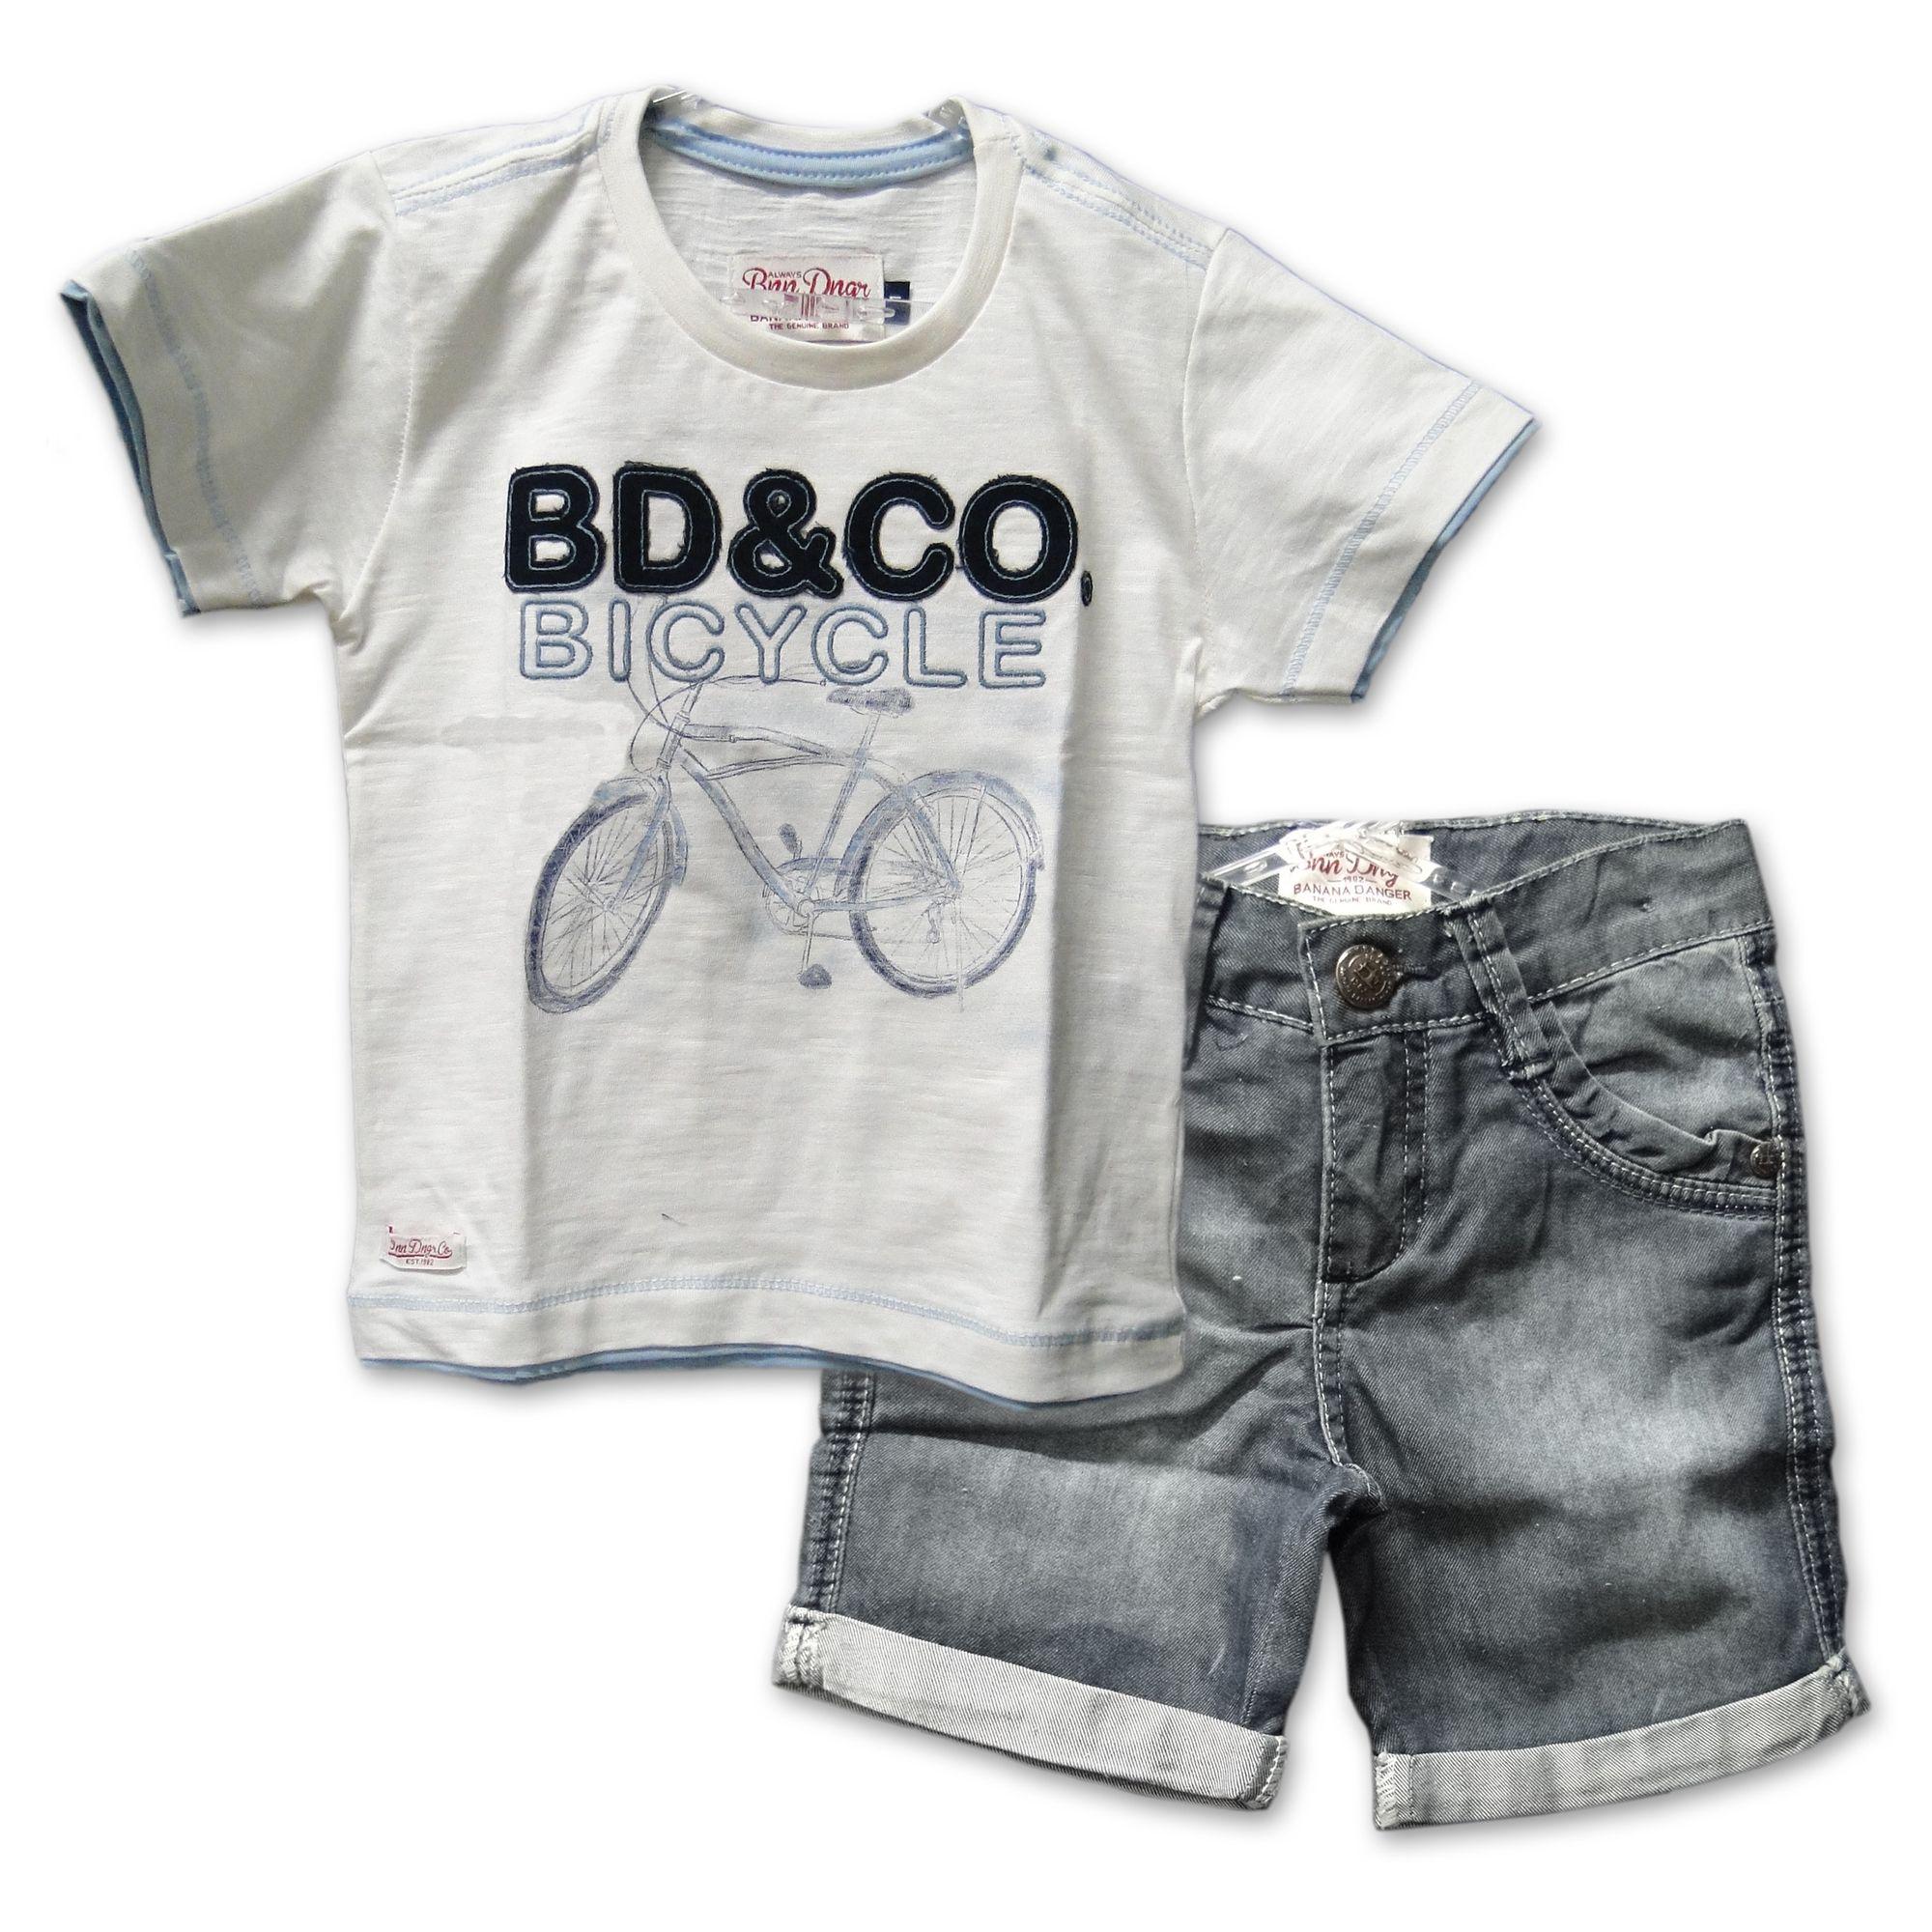 0587411bcd4b28 Loja de roupa infantil para meninos e meninas